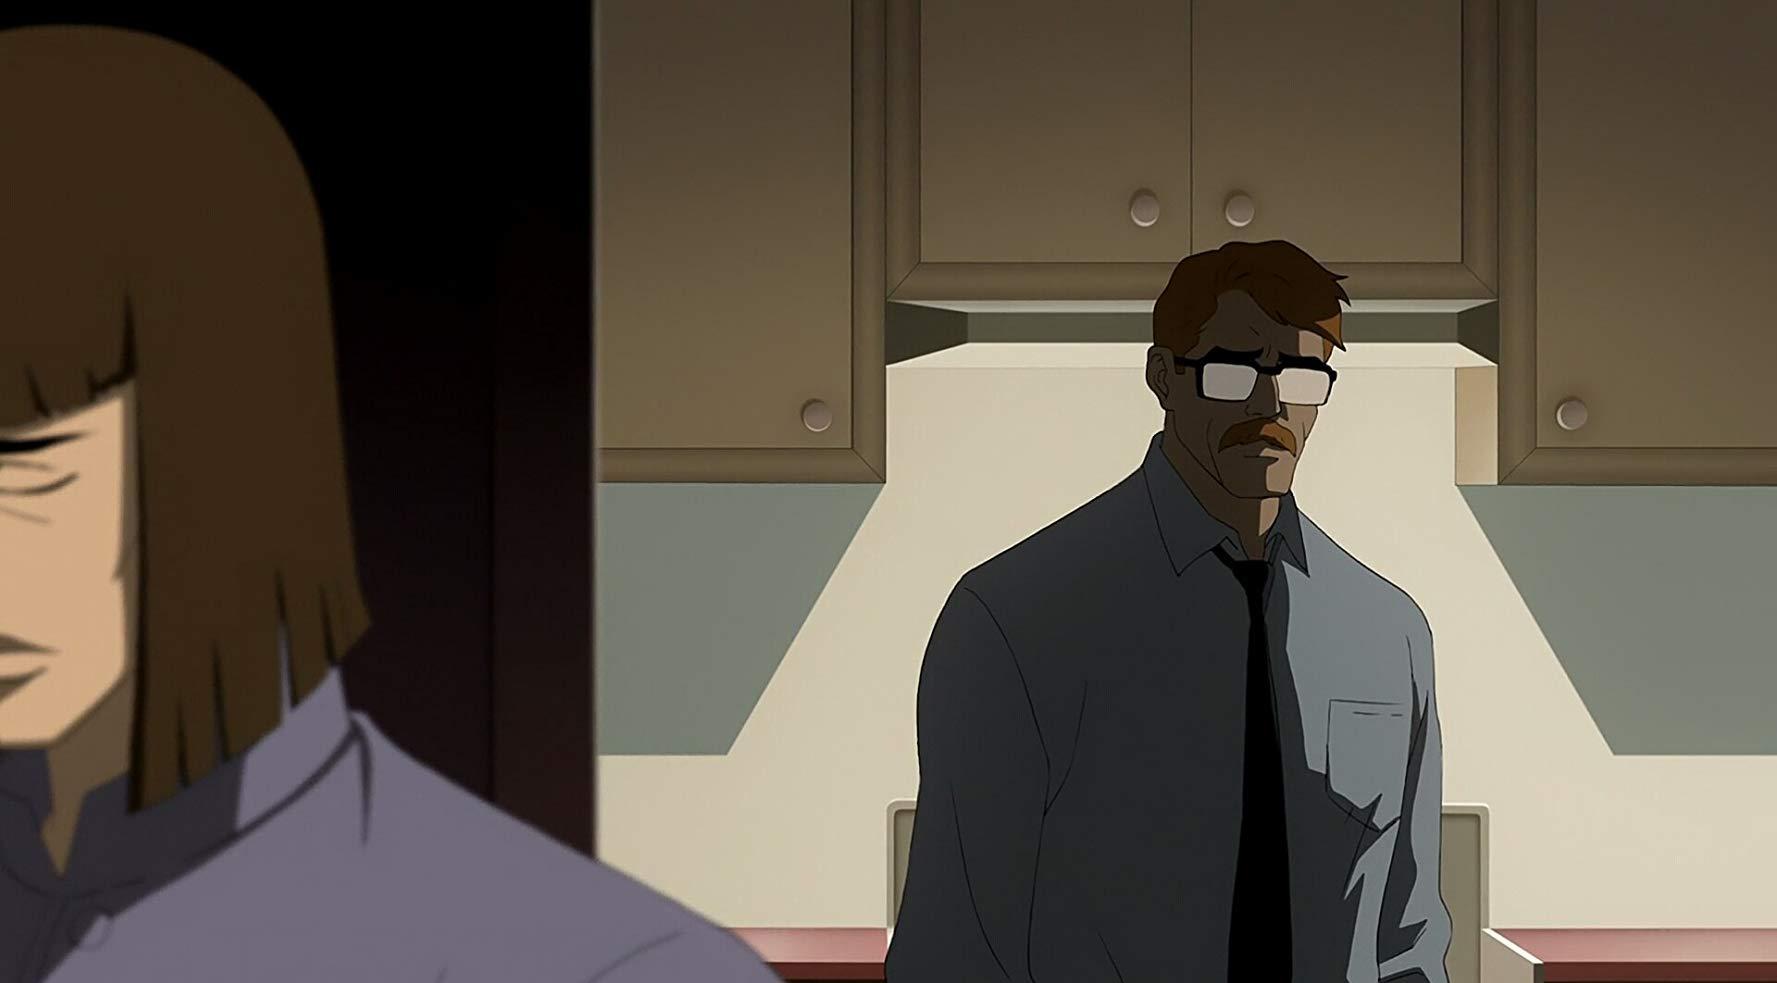 مشاهدة فيلم Batman Year One 2011 HD مترجم كامل اون لاين